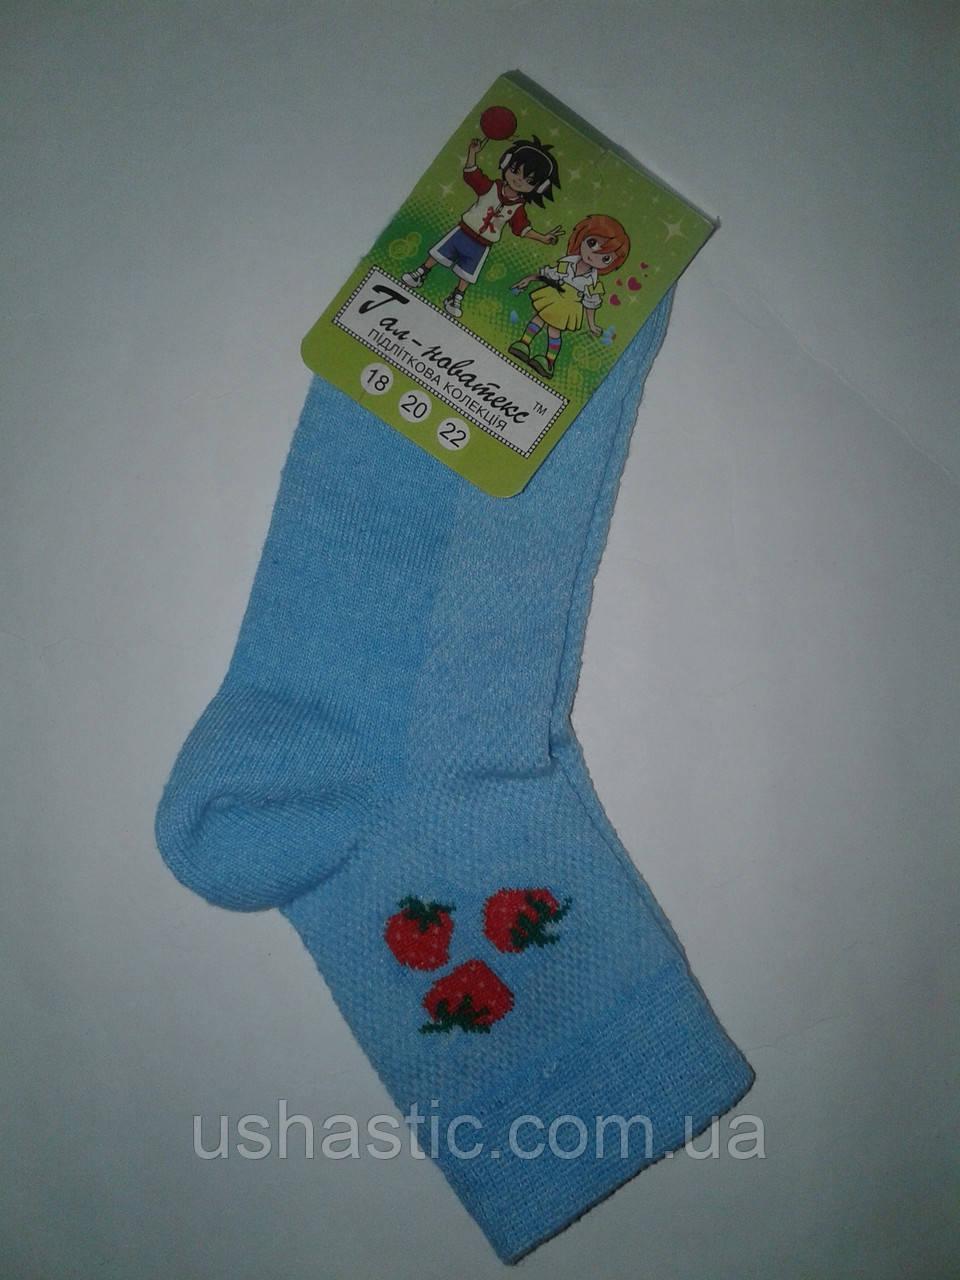 Носочки (сеточка) для девочекна 5-6 лет (р.18)